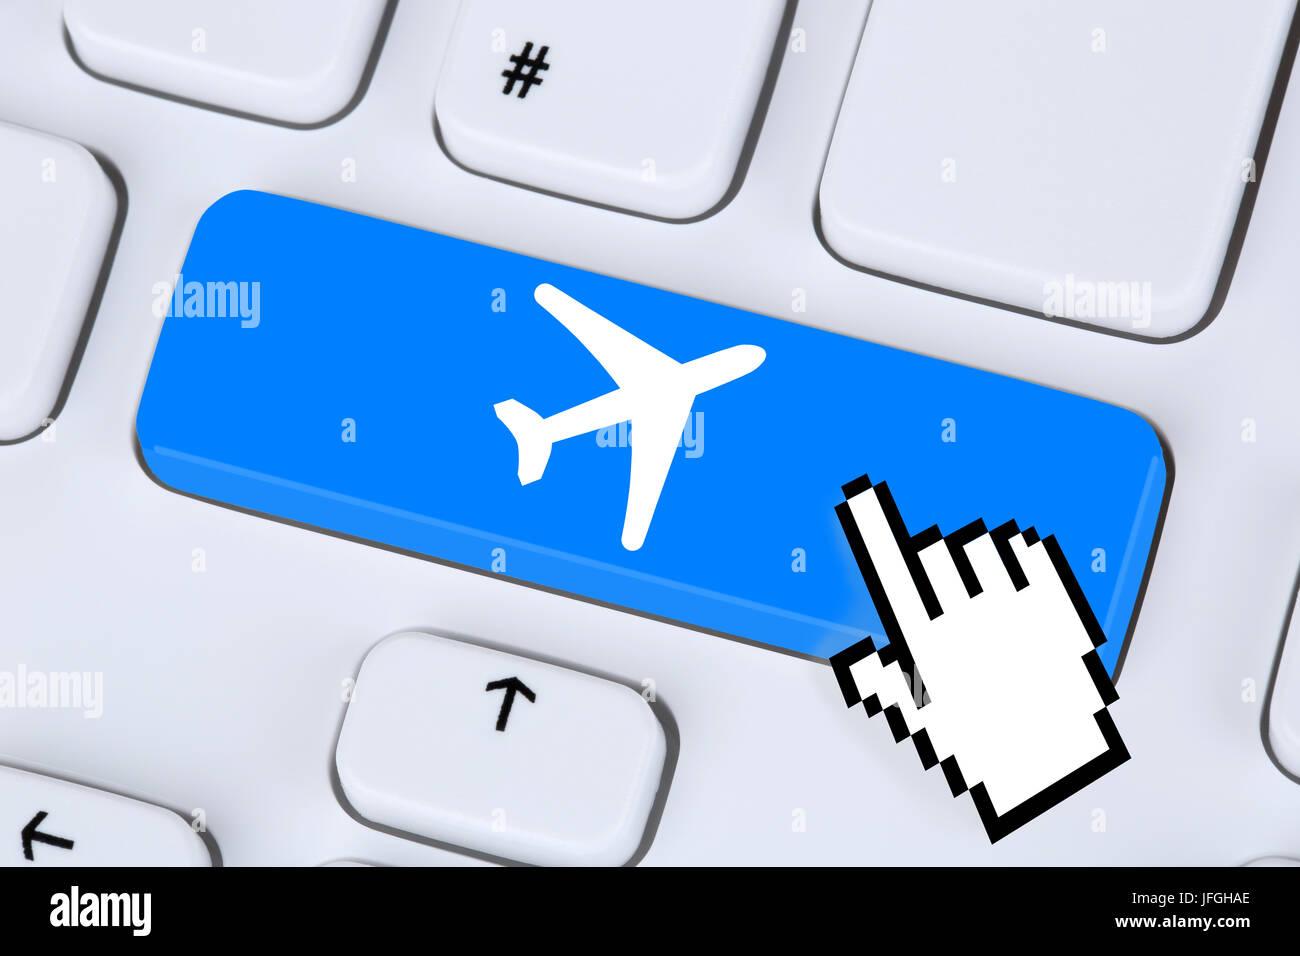 Reisen und Urlaub online buchen einkaufen im Internet - Stock Image